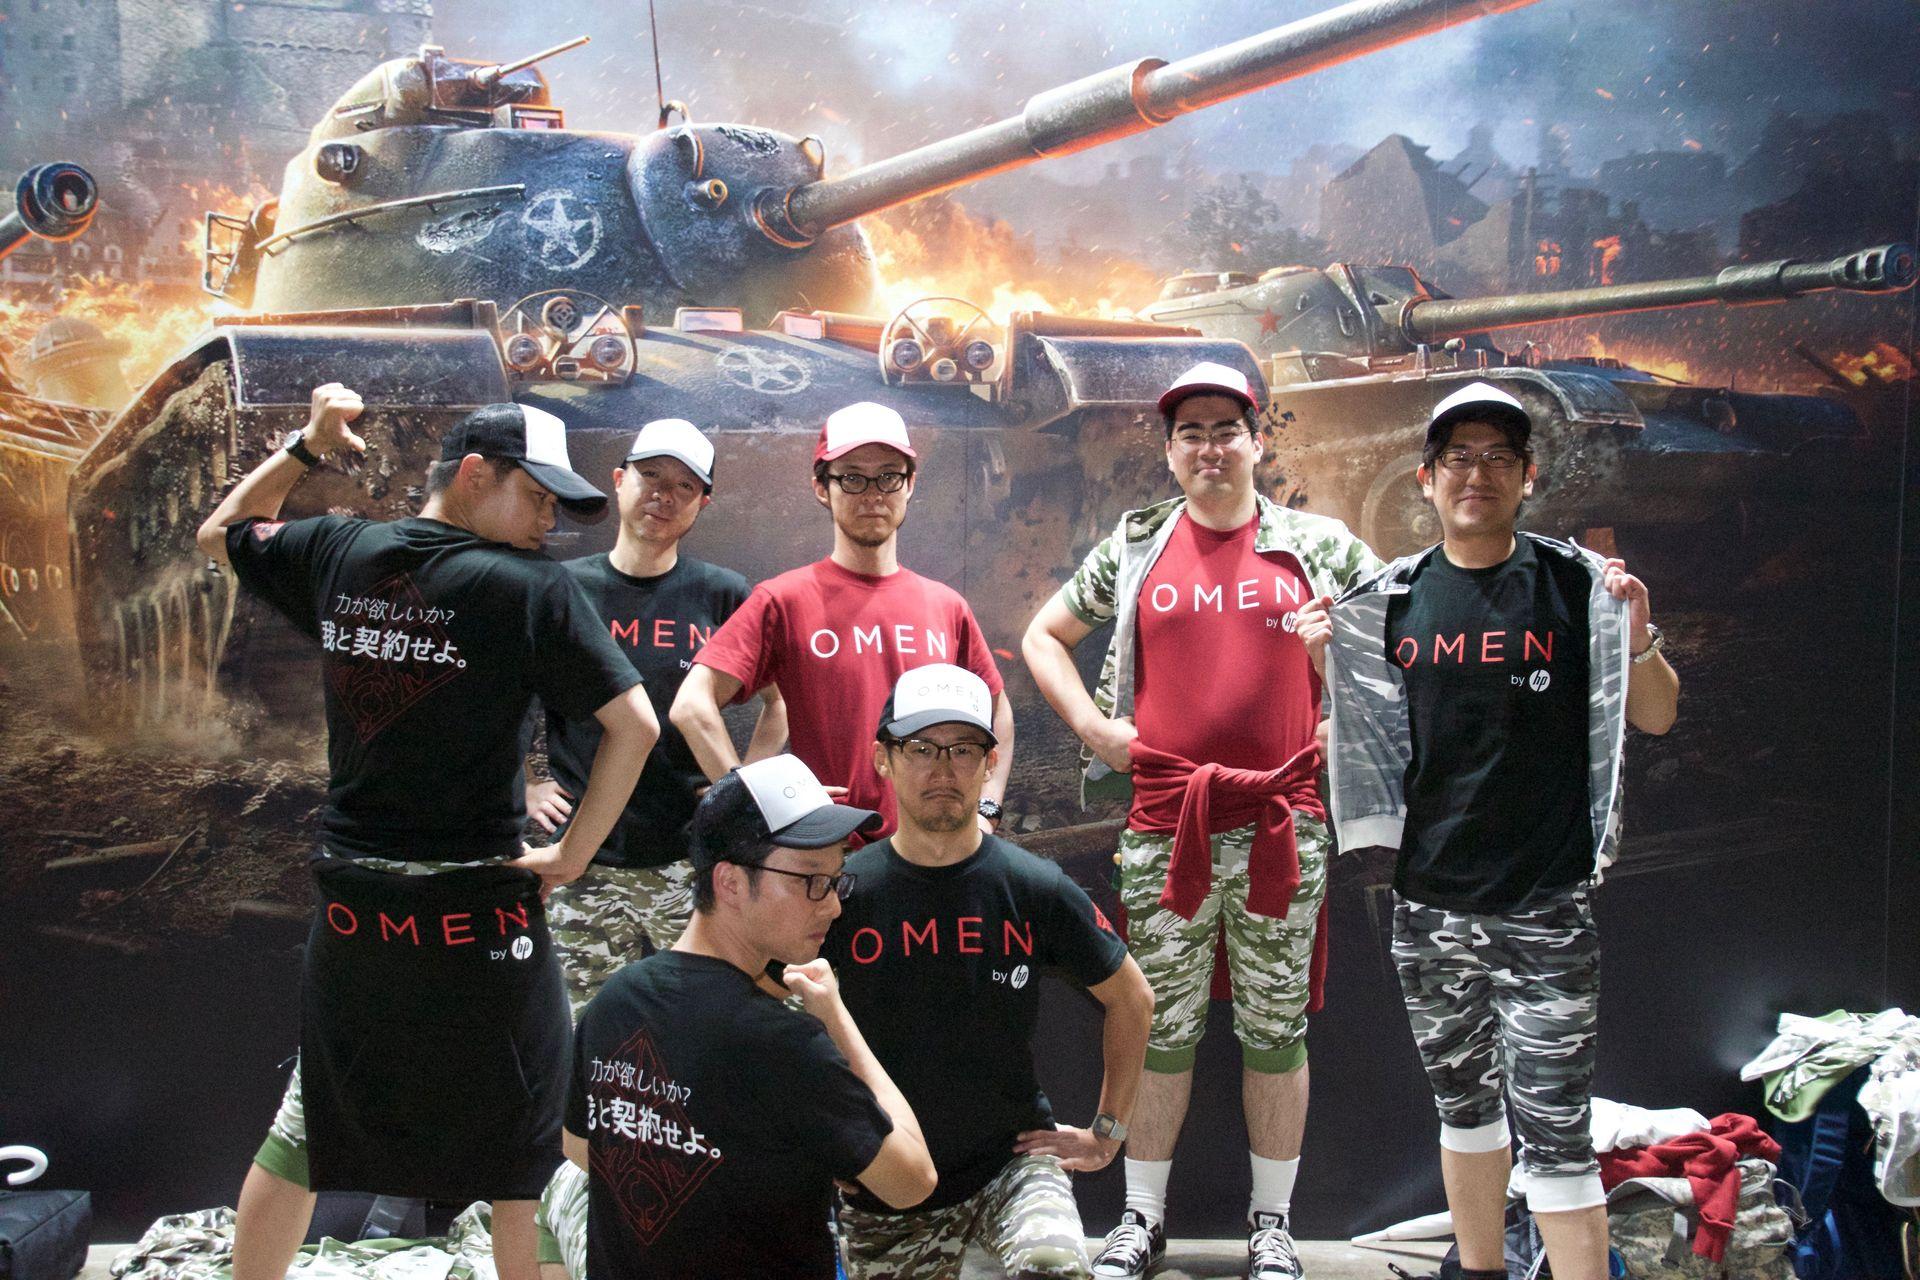 日本HPからはOMENs 7チーム。Tシャツからキャップまでバッチリ揃えていた。チームメンバーの平均Tierは3程度で、3週間程度トレーニングを積んできた様子